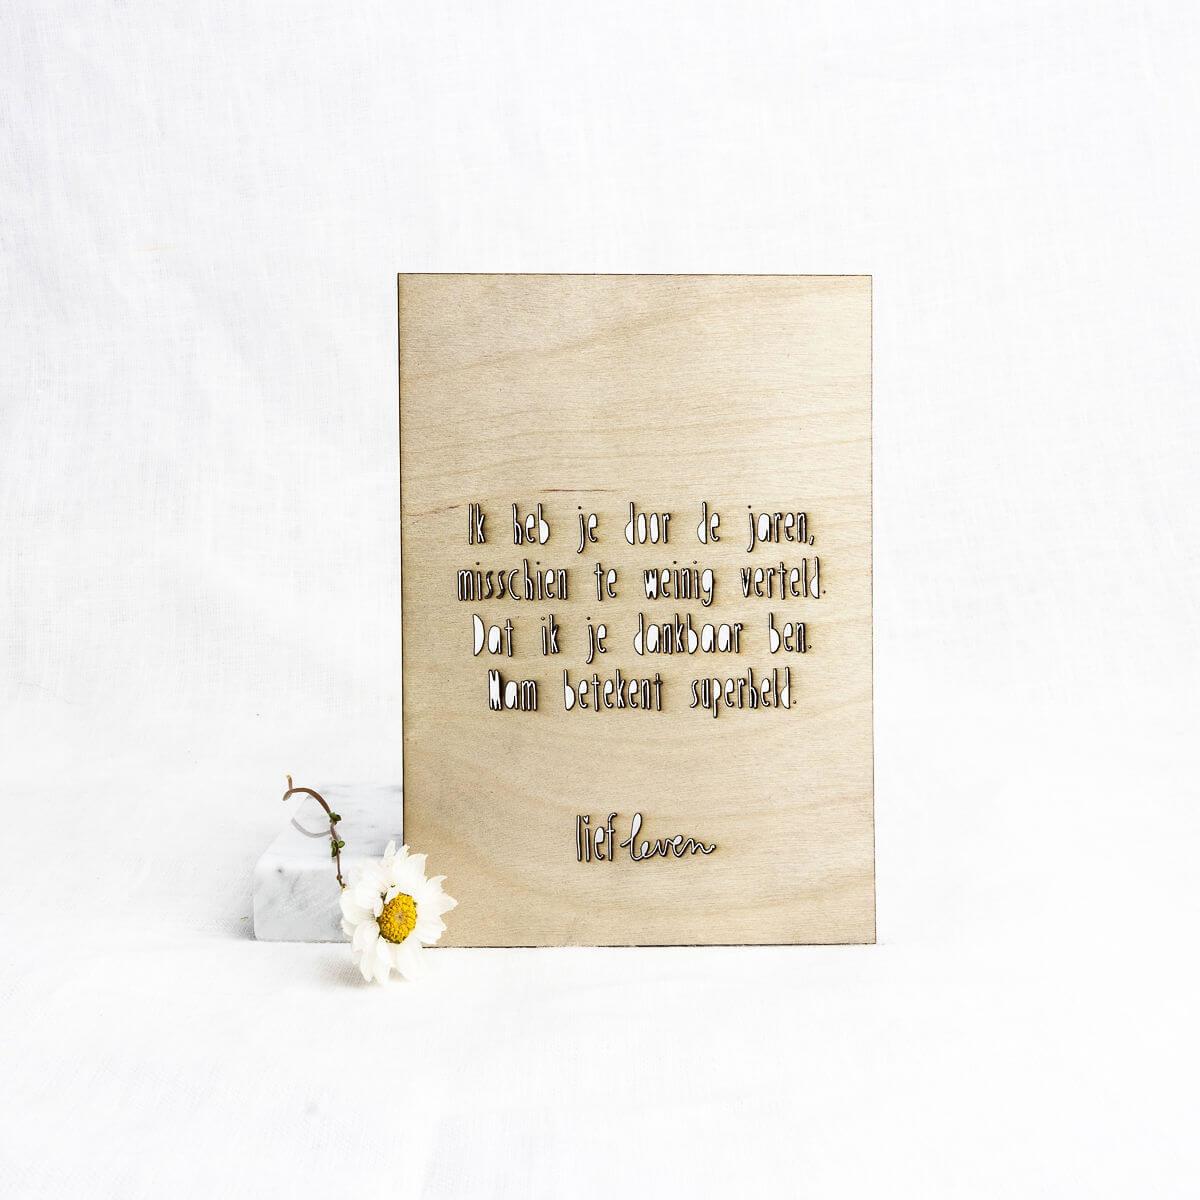 Houten kaart voor mama • Ik heb je door de jaren heen